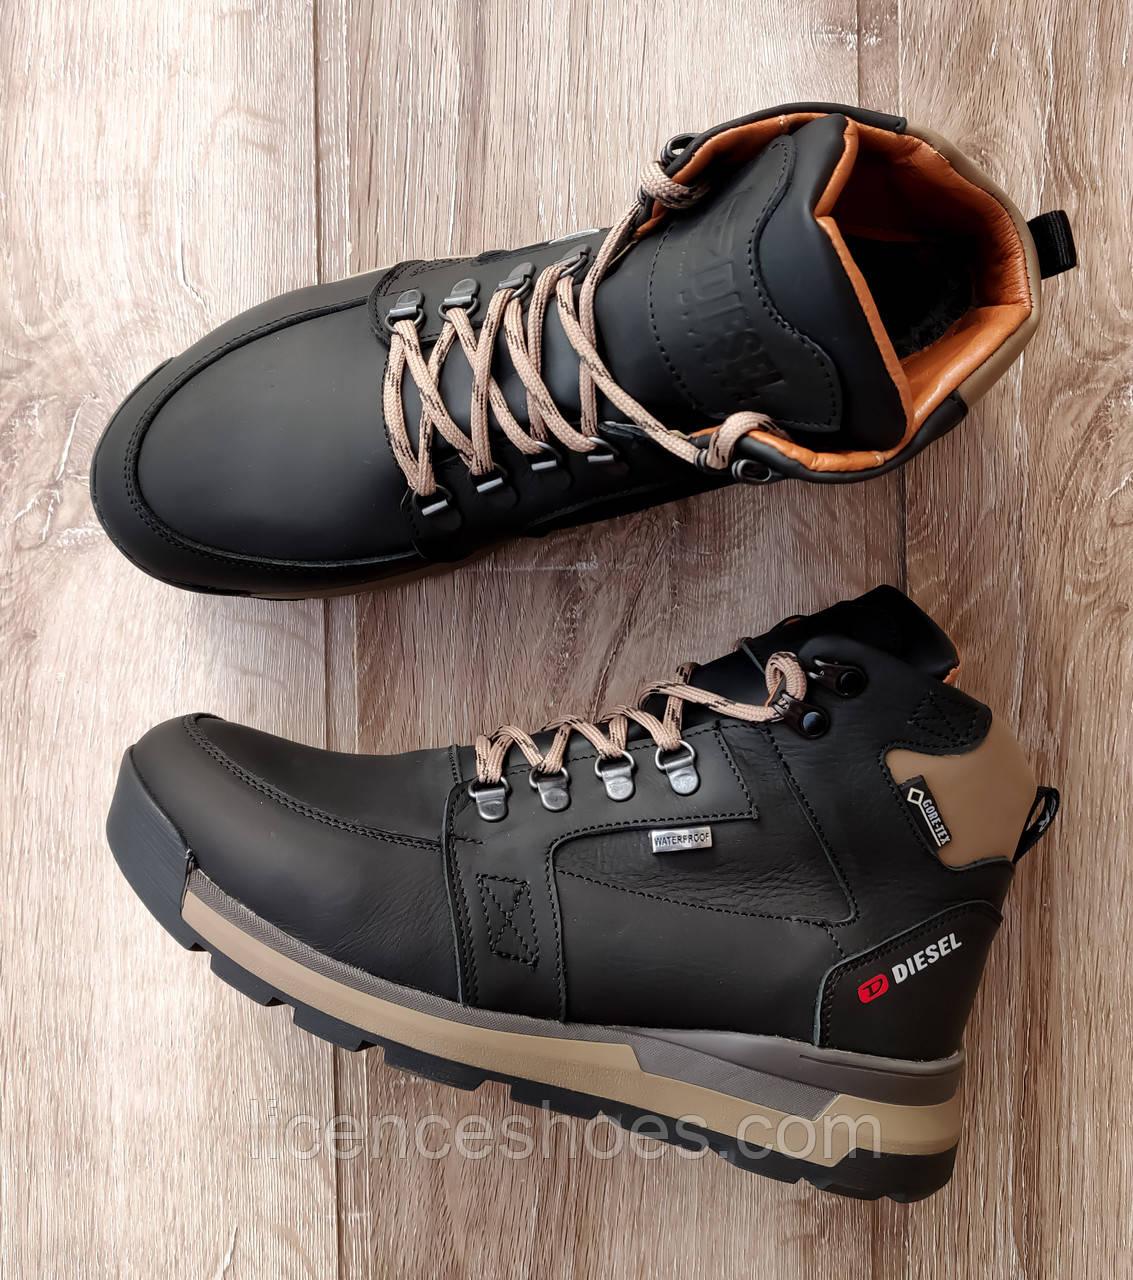 Чоловічі зимові черевики Diesel Black. Натуральна шкіра та хутро.